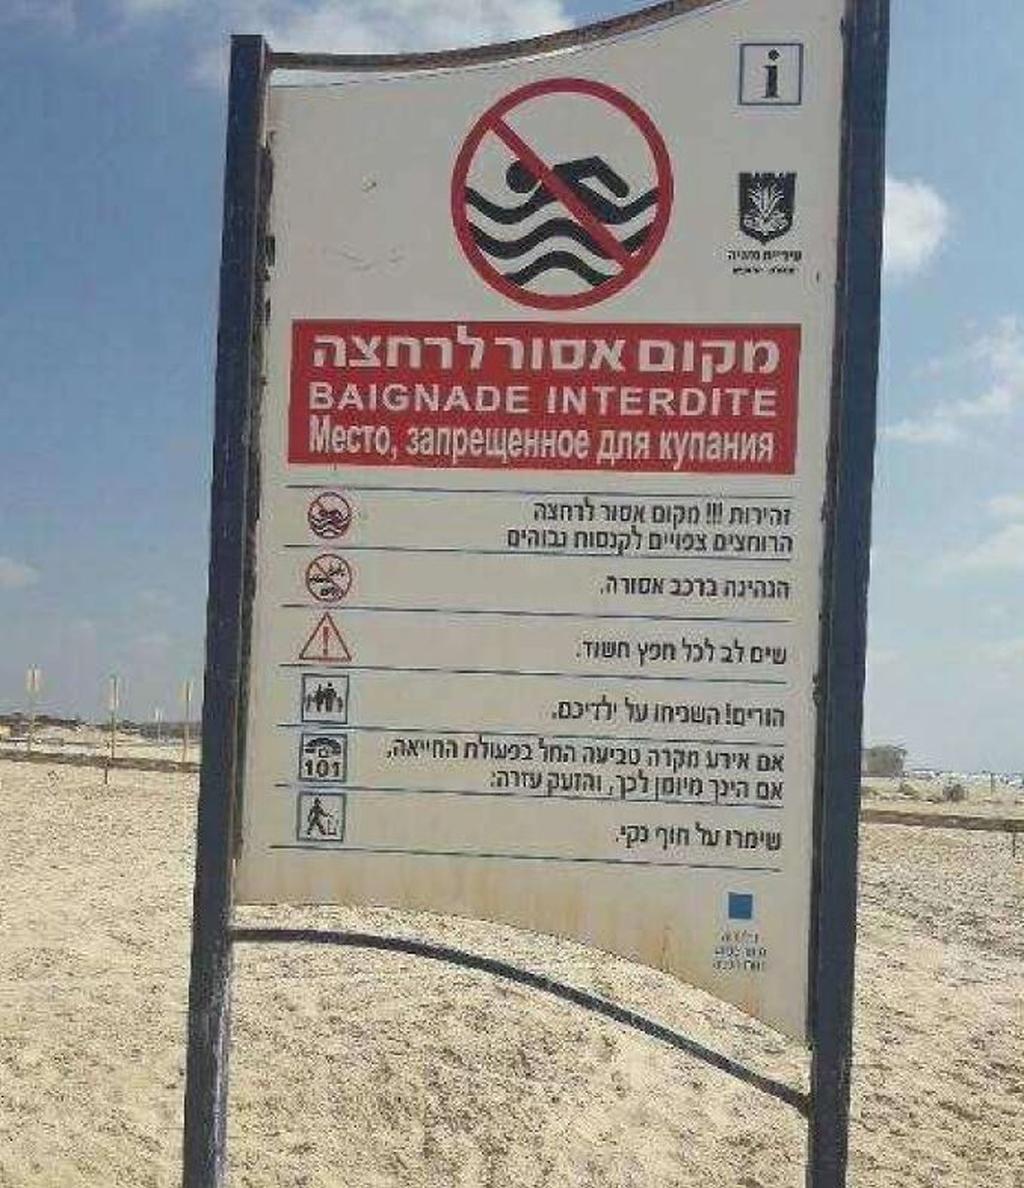 אסור להיכנס למים| צילום: פקח עיריית נתניה